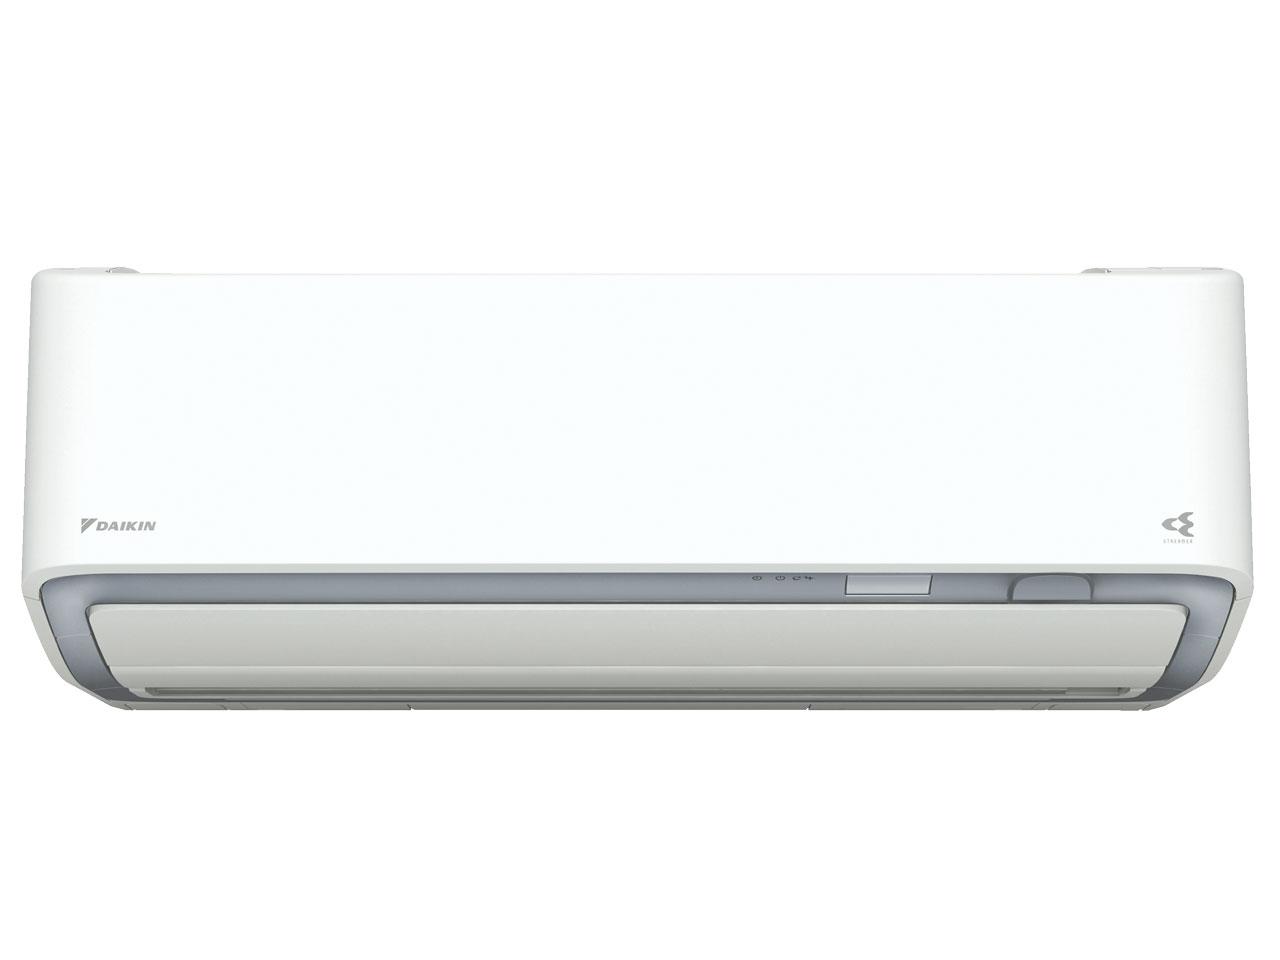 ダイキン 19年モデル AXシリーズ S80WTAXV-W 【200V用 電源直結型】26畳用冷暖房除湿エアコン